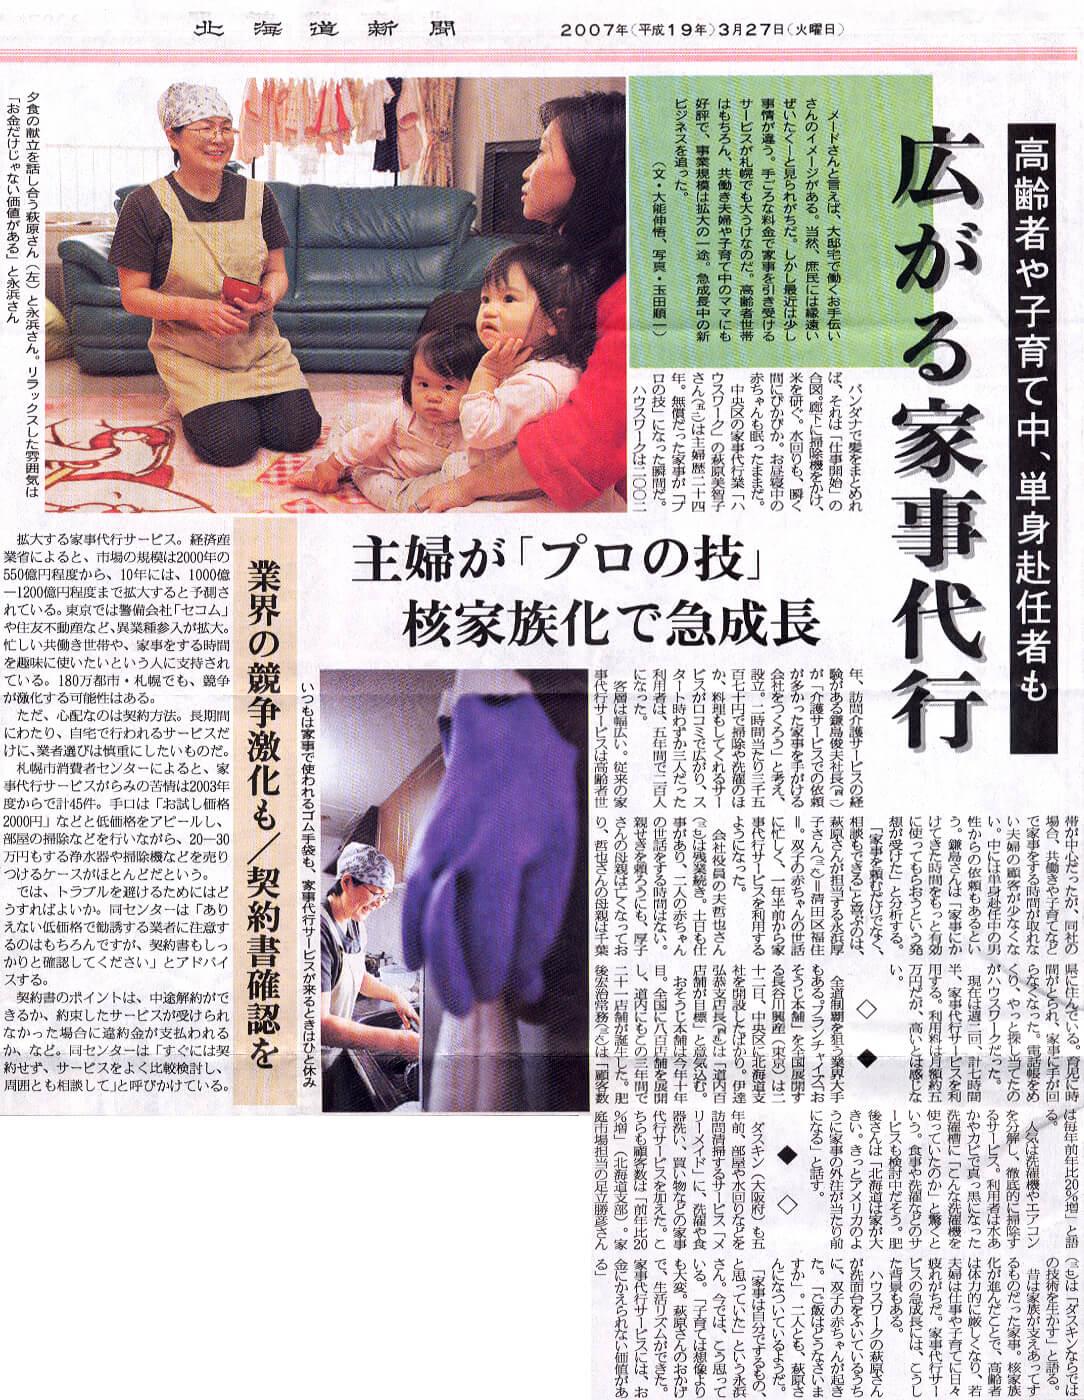 北海道新聞 2007年3月27日版 ( 著作権許諾 D1506-1509-00010705 )